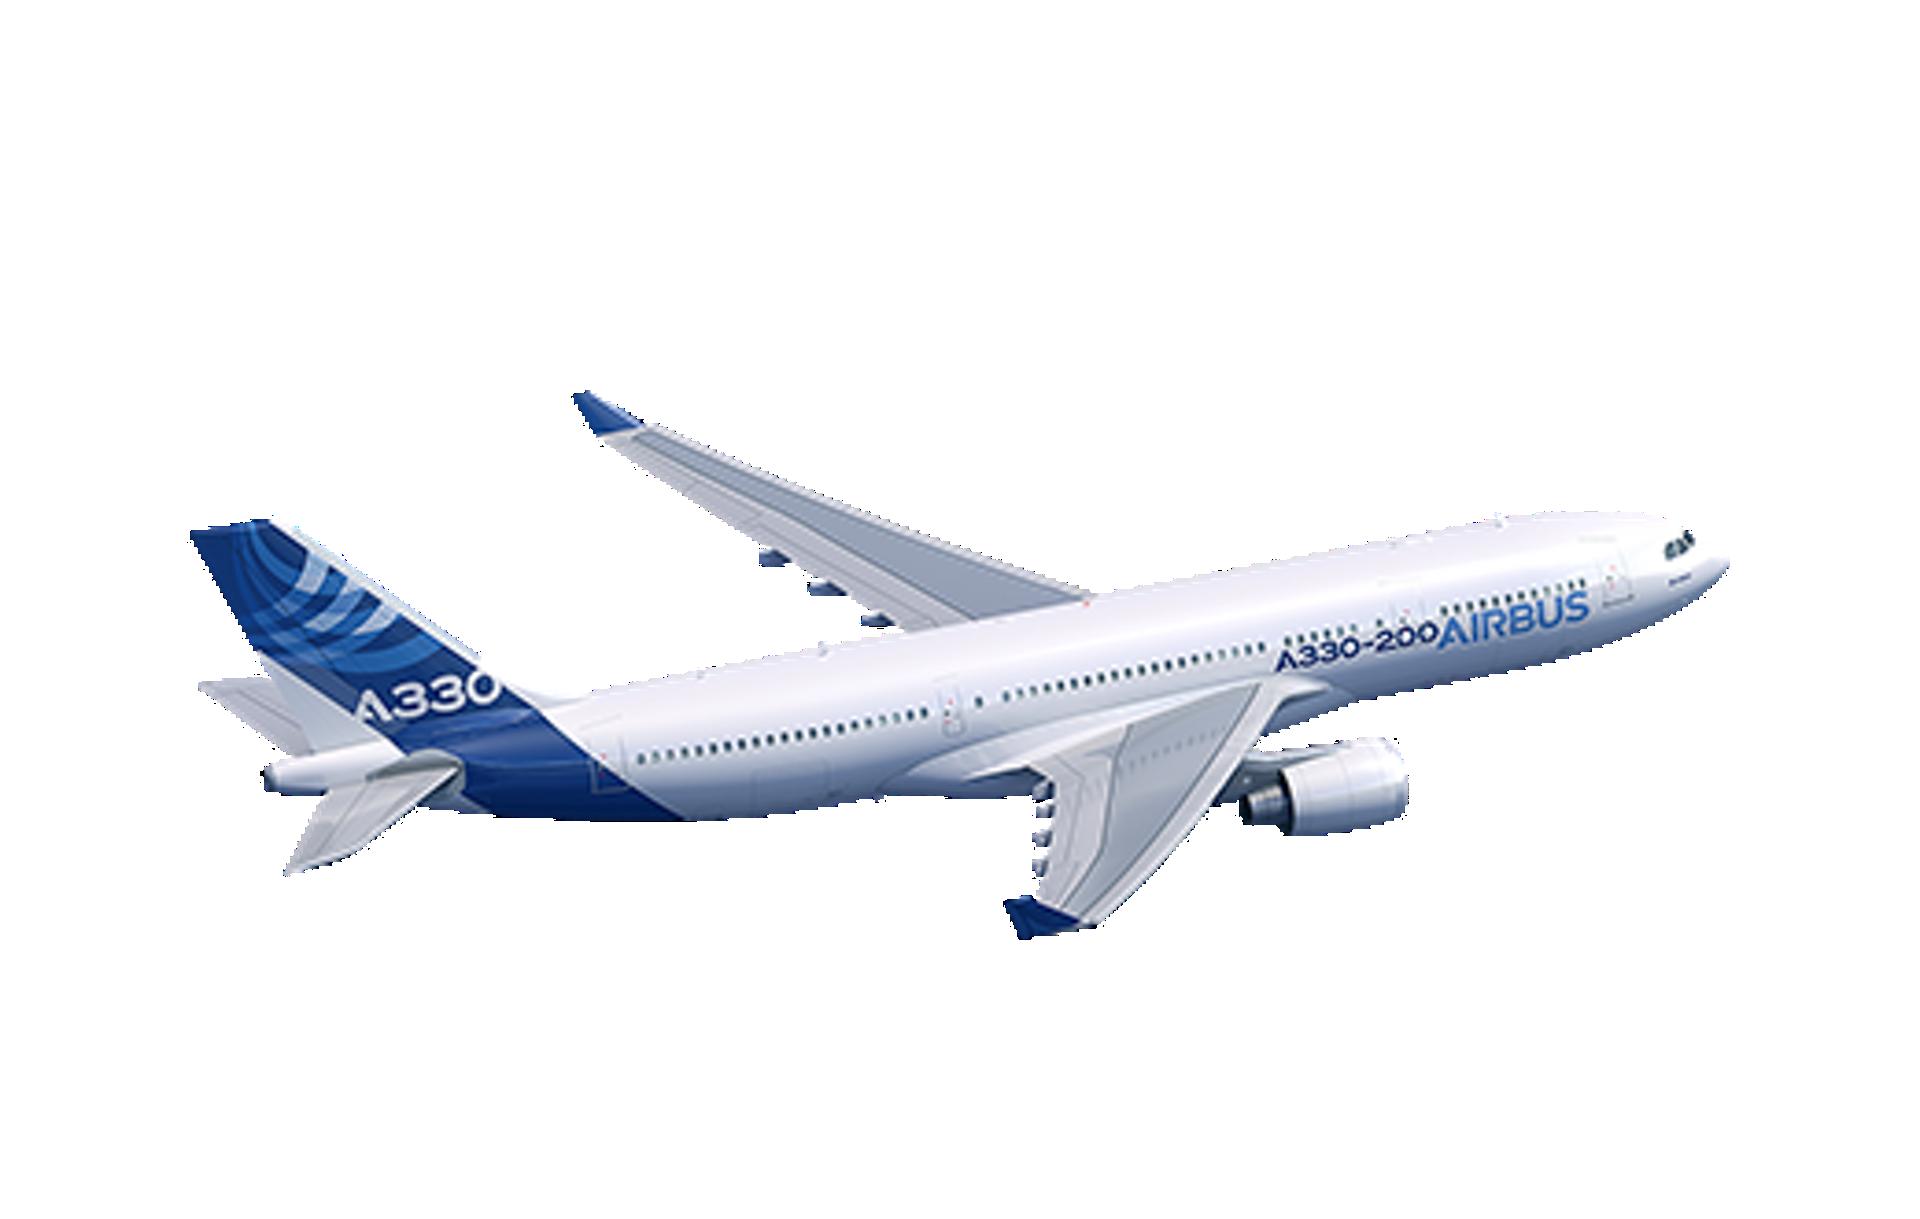 Resultado de imagen para hold Airbus a330